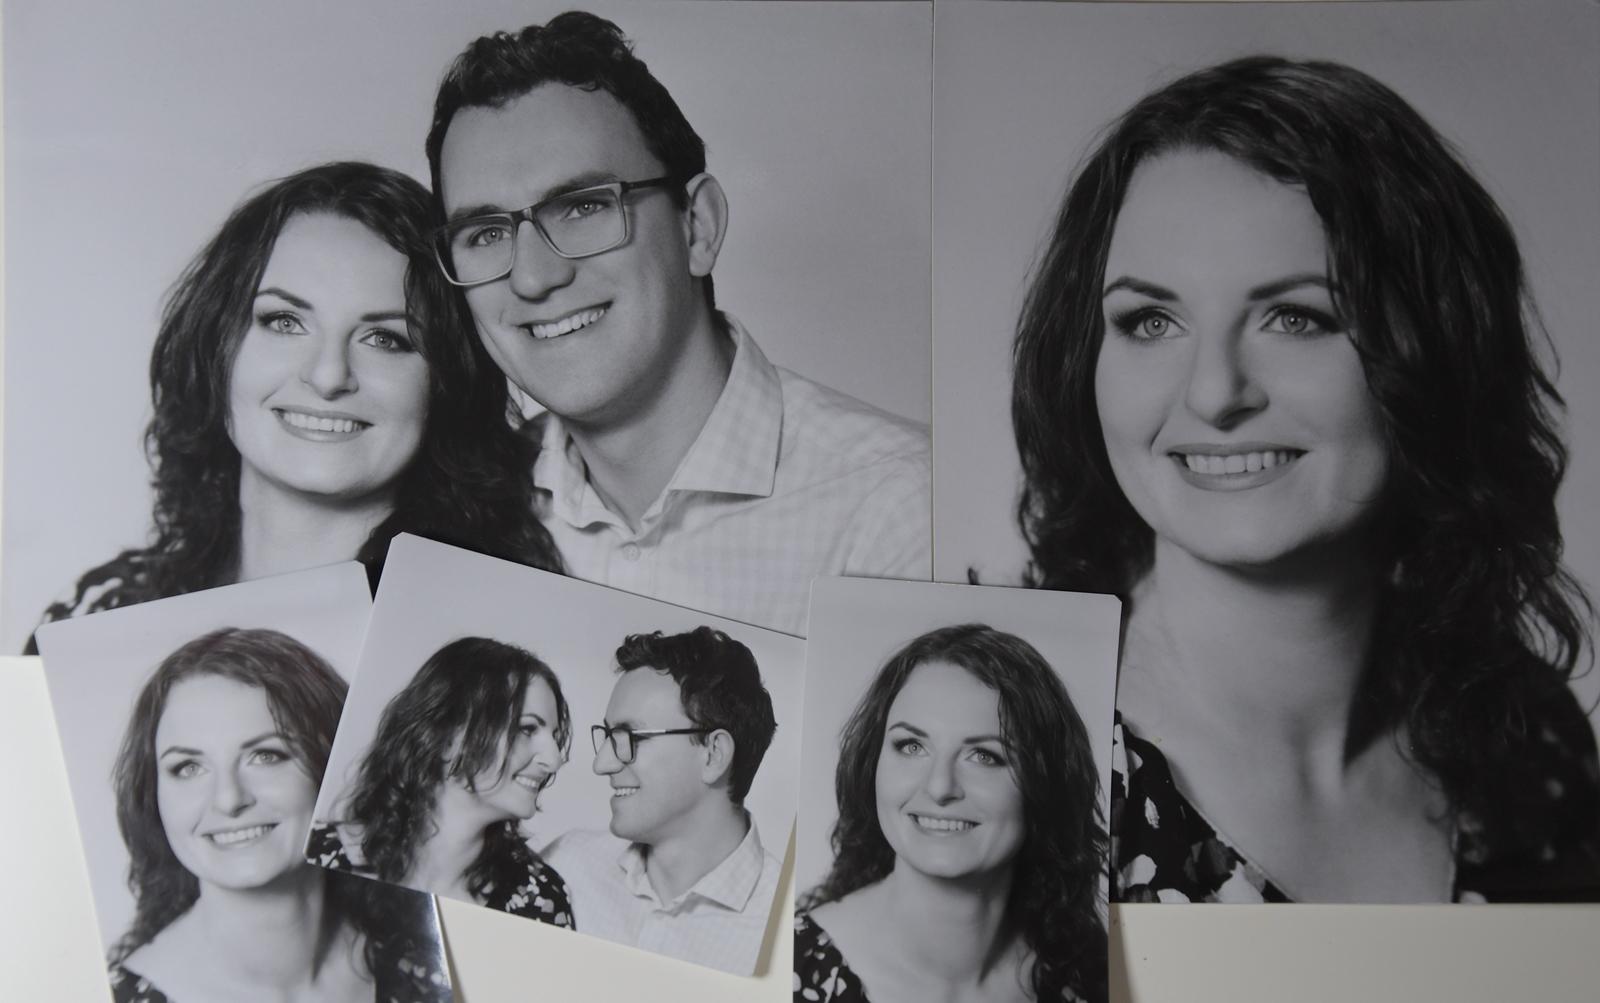 Zakład Fotograficzny Celiny Osieckiej na Saskiej Kępie - przepiękne czarno-białe zdjęcia w starym stylu | Skomplikowane